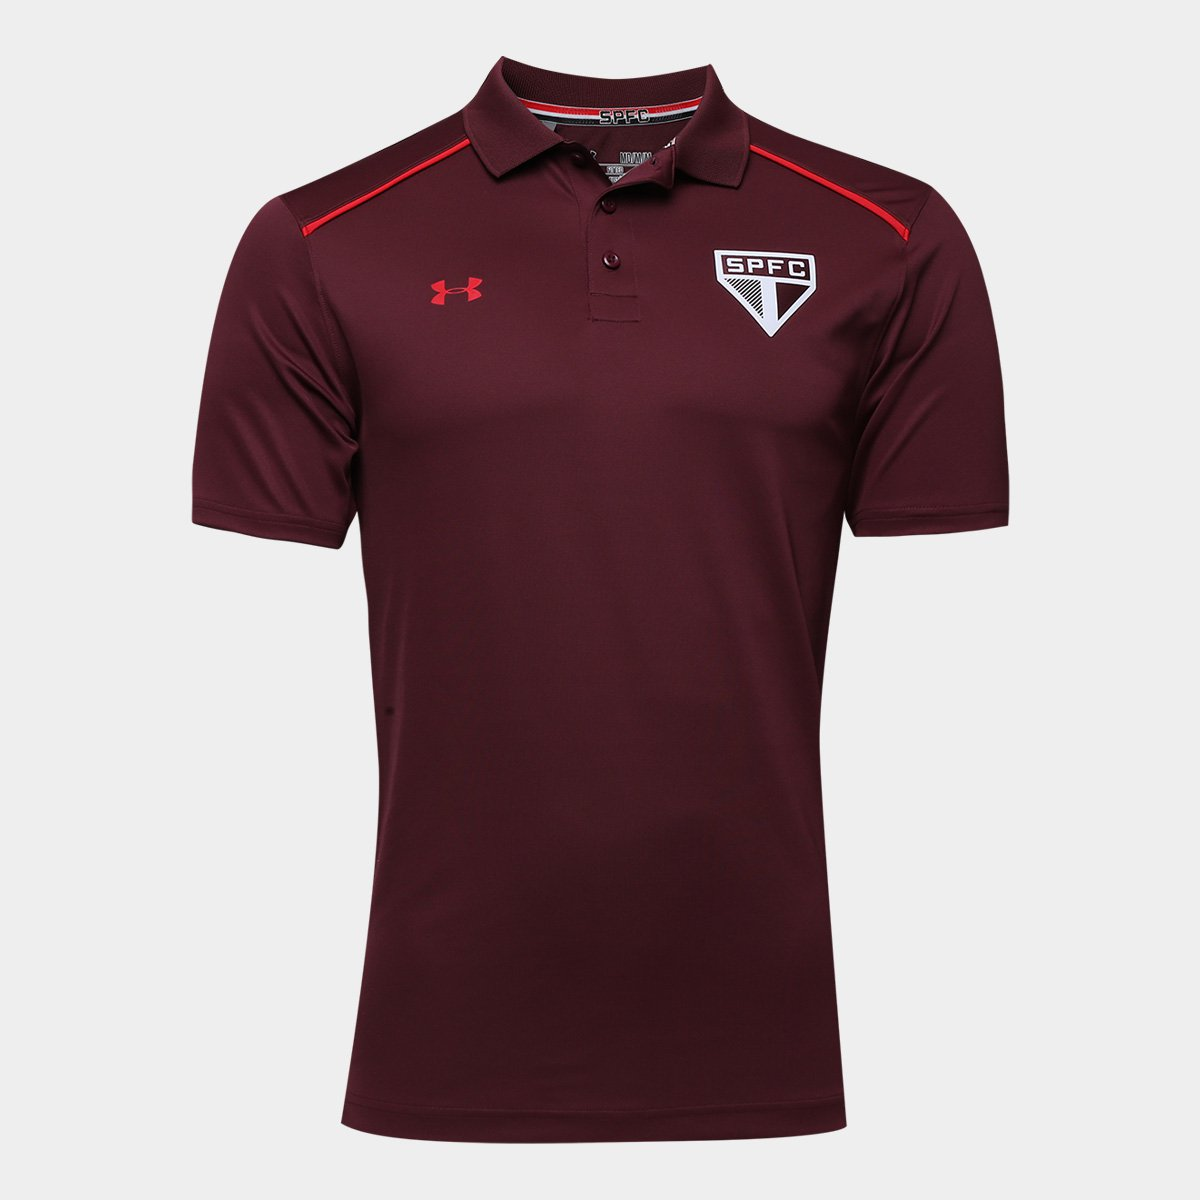 Camisa Polo São Paulo Under Armour 17 18 Viagem Masculina - Compre ... 3bce6562891f2